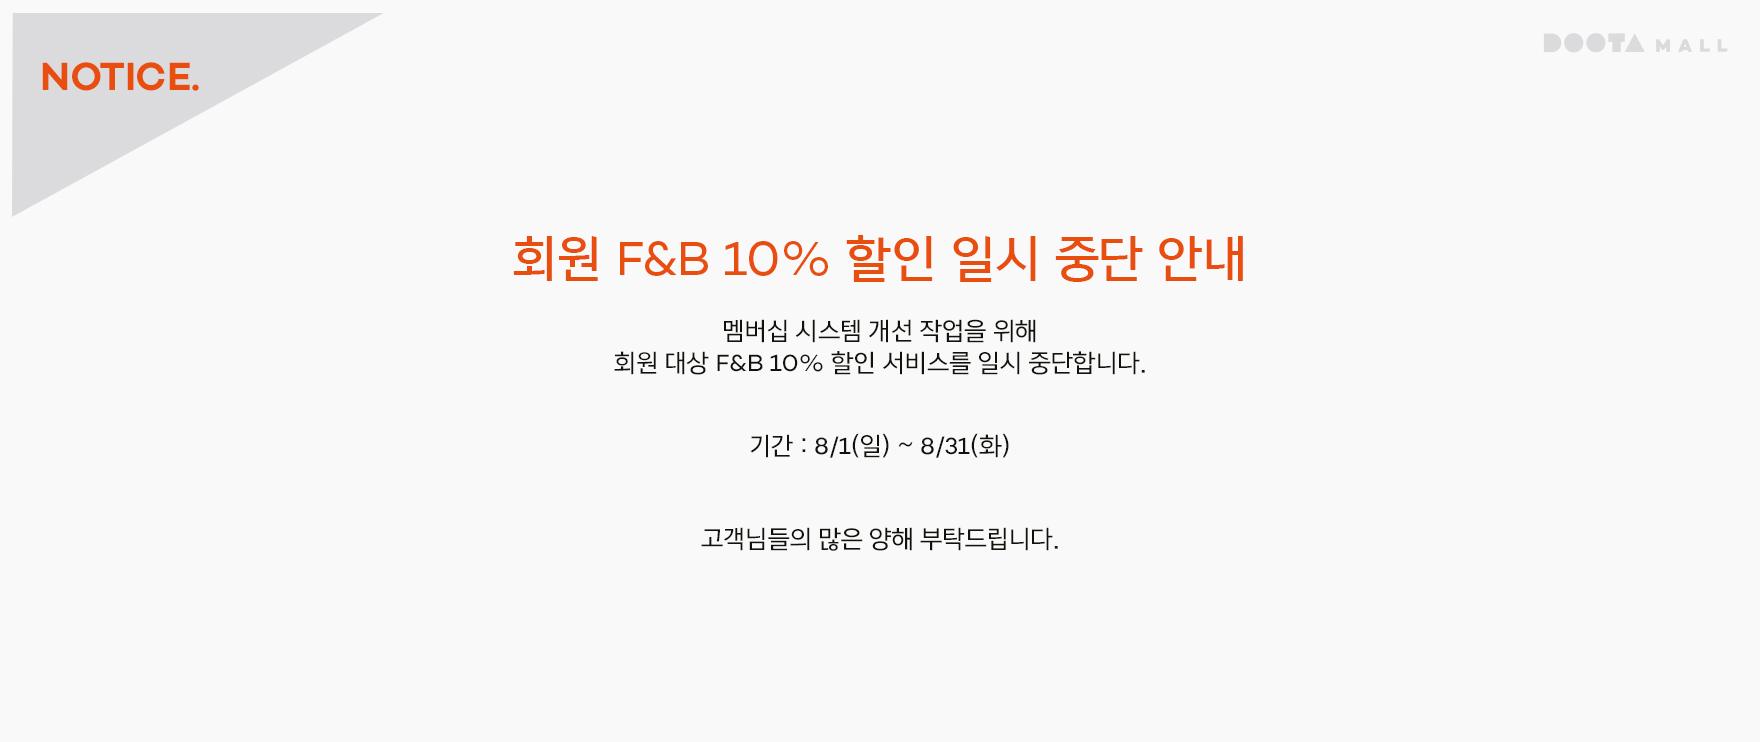 F&B 10% OFF 일시 중단 (~9/1)